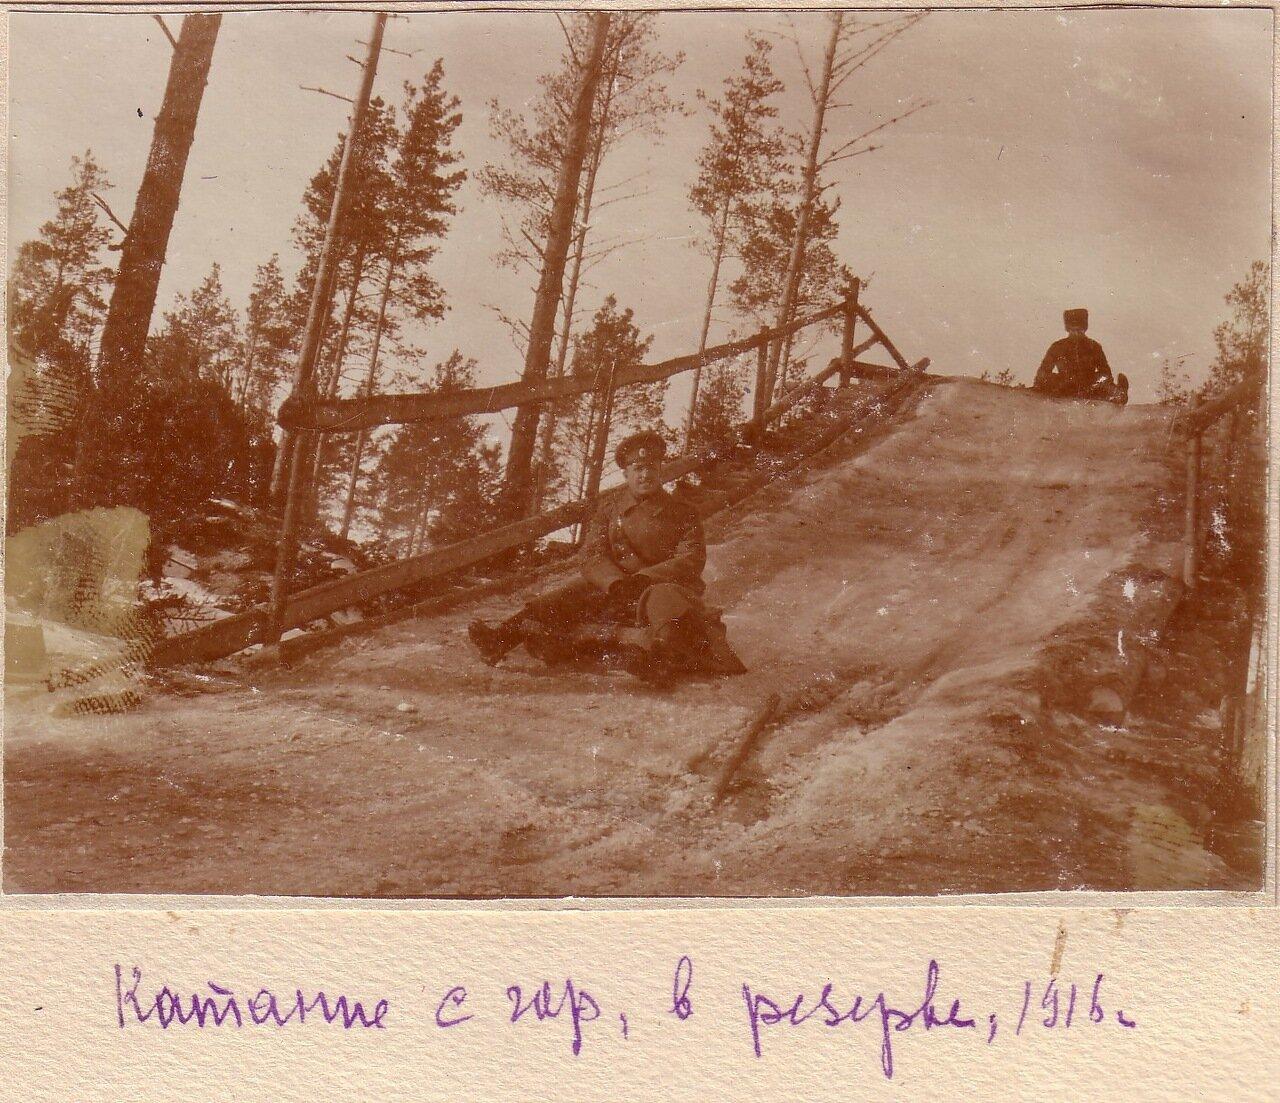 Катание с гор. В резерве. 1916